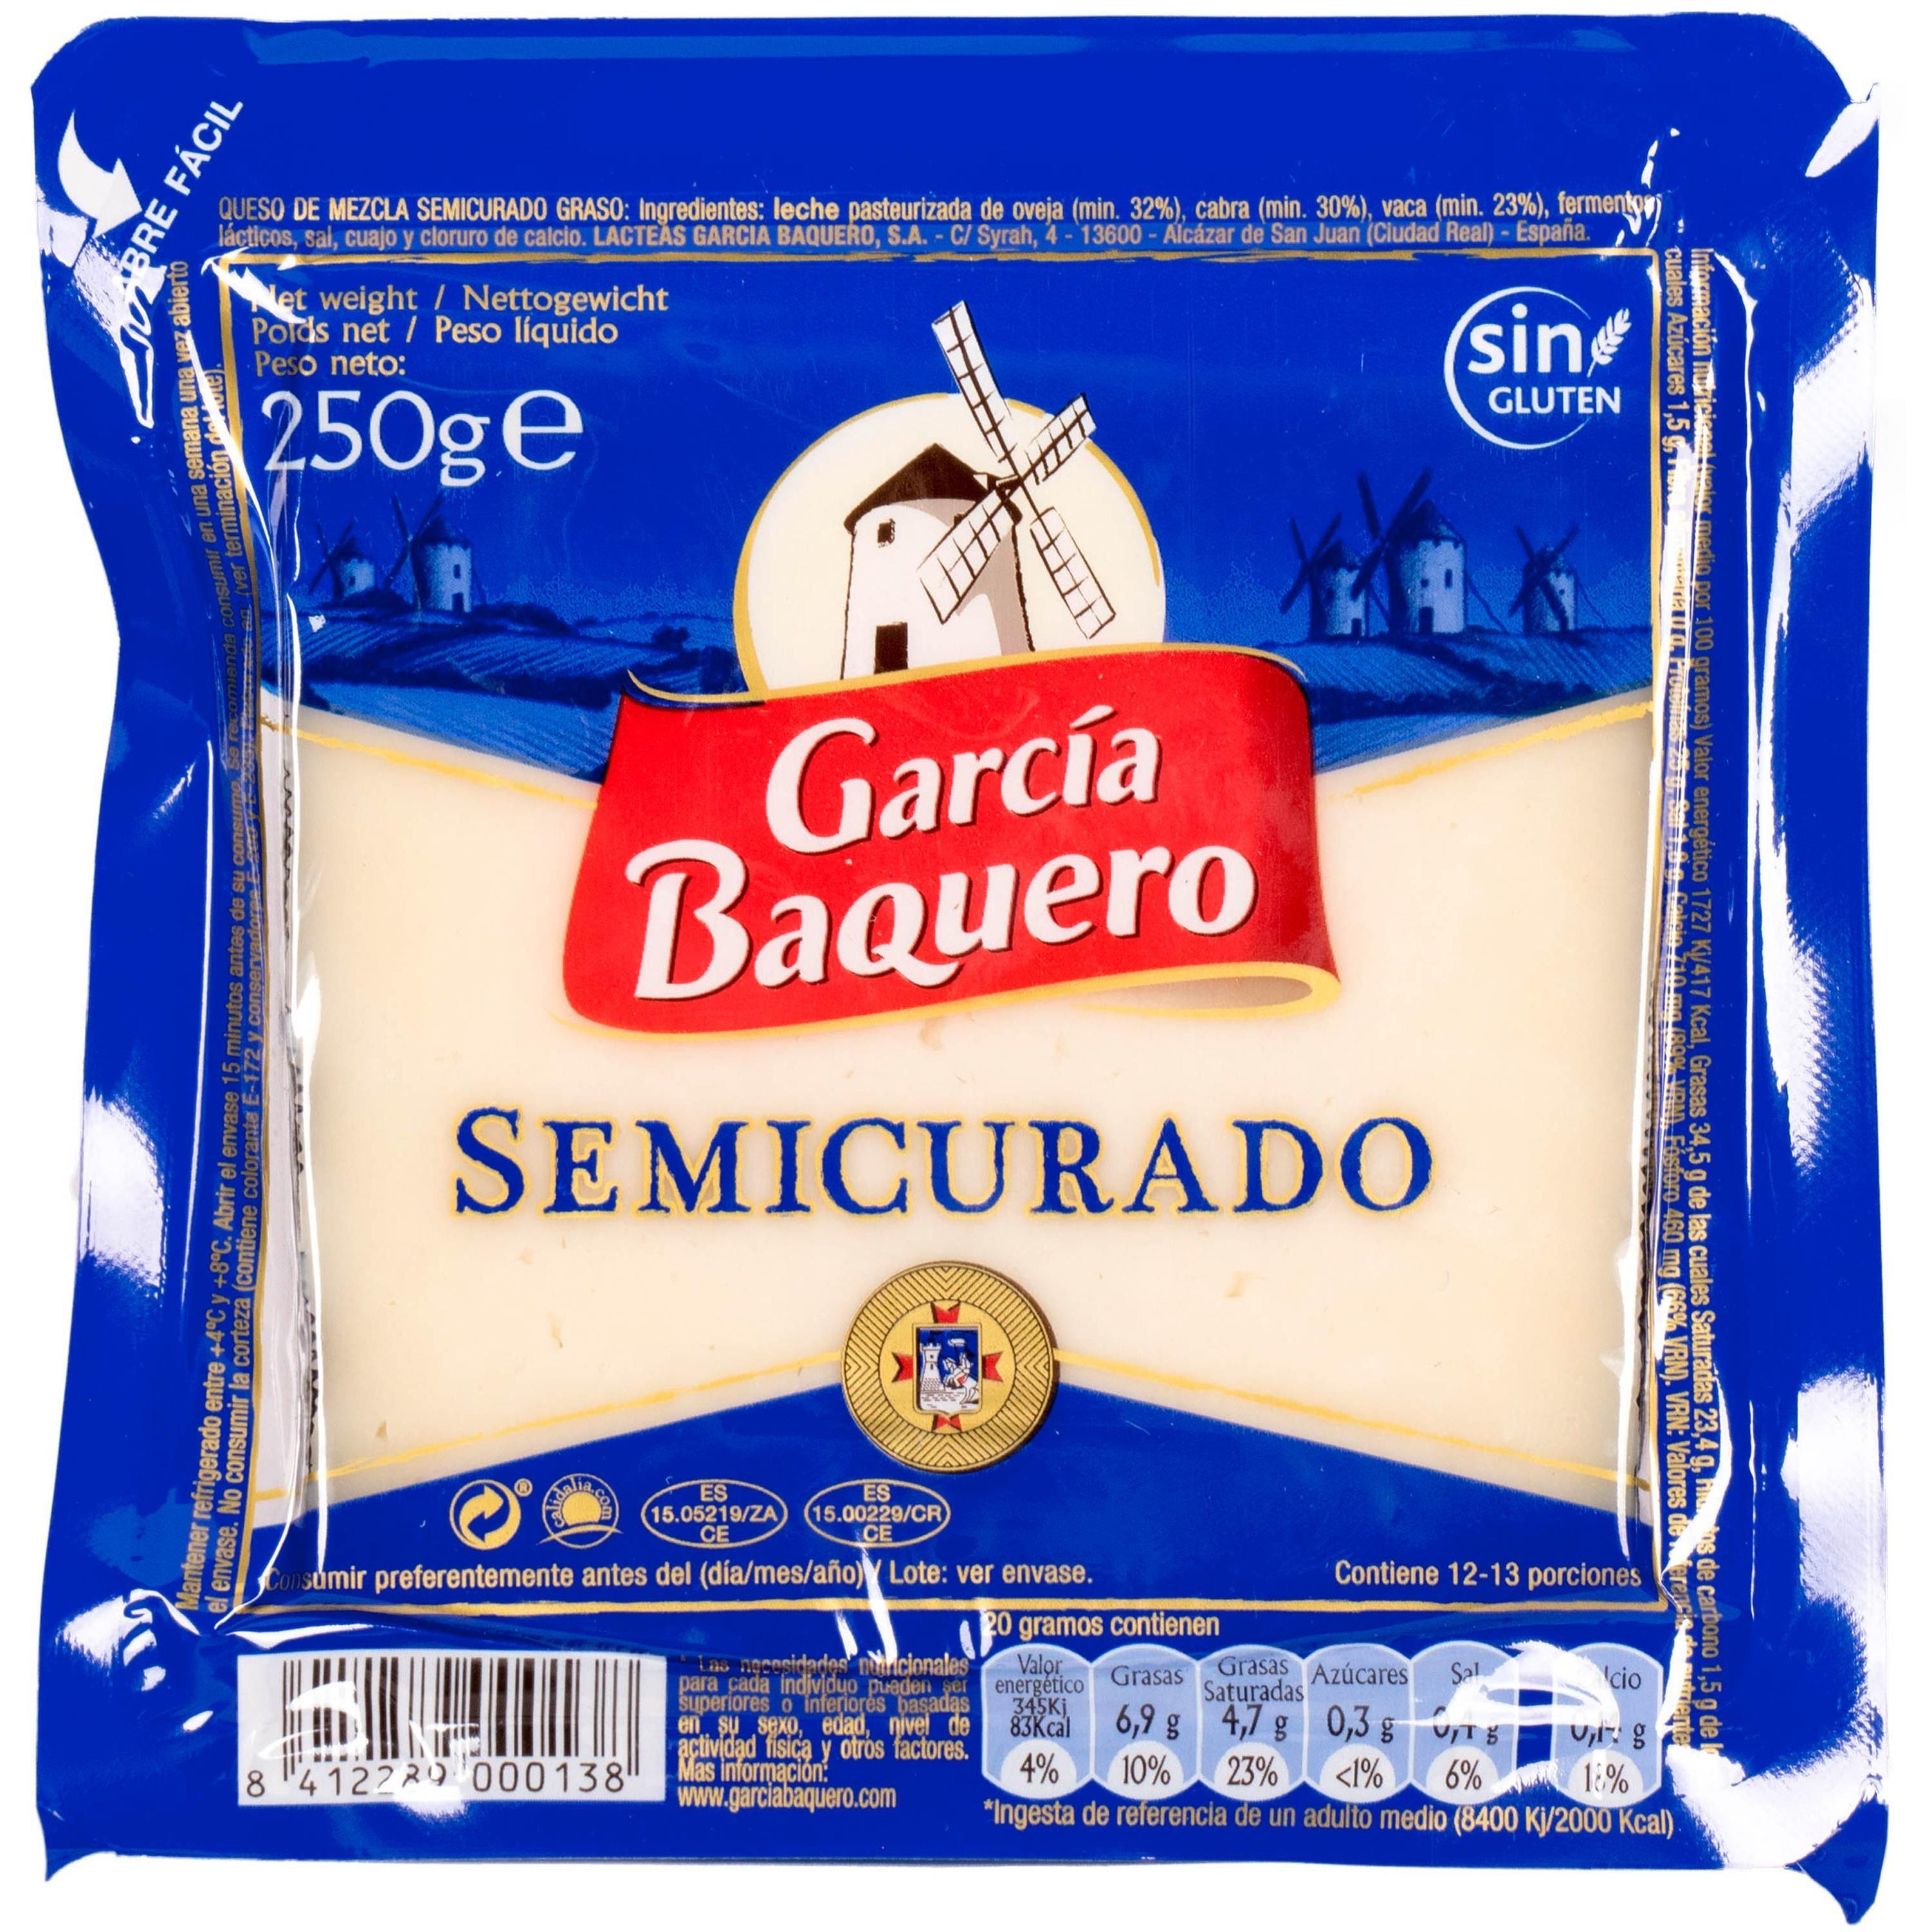 Garcia Barquero Semicurado Spanischer Mischkäse 250g